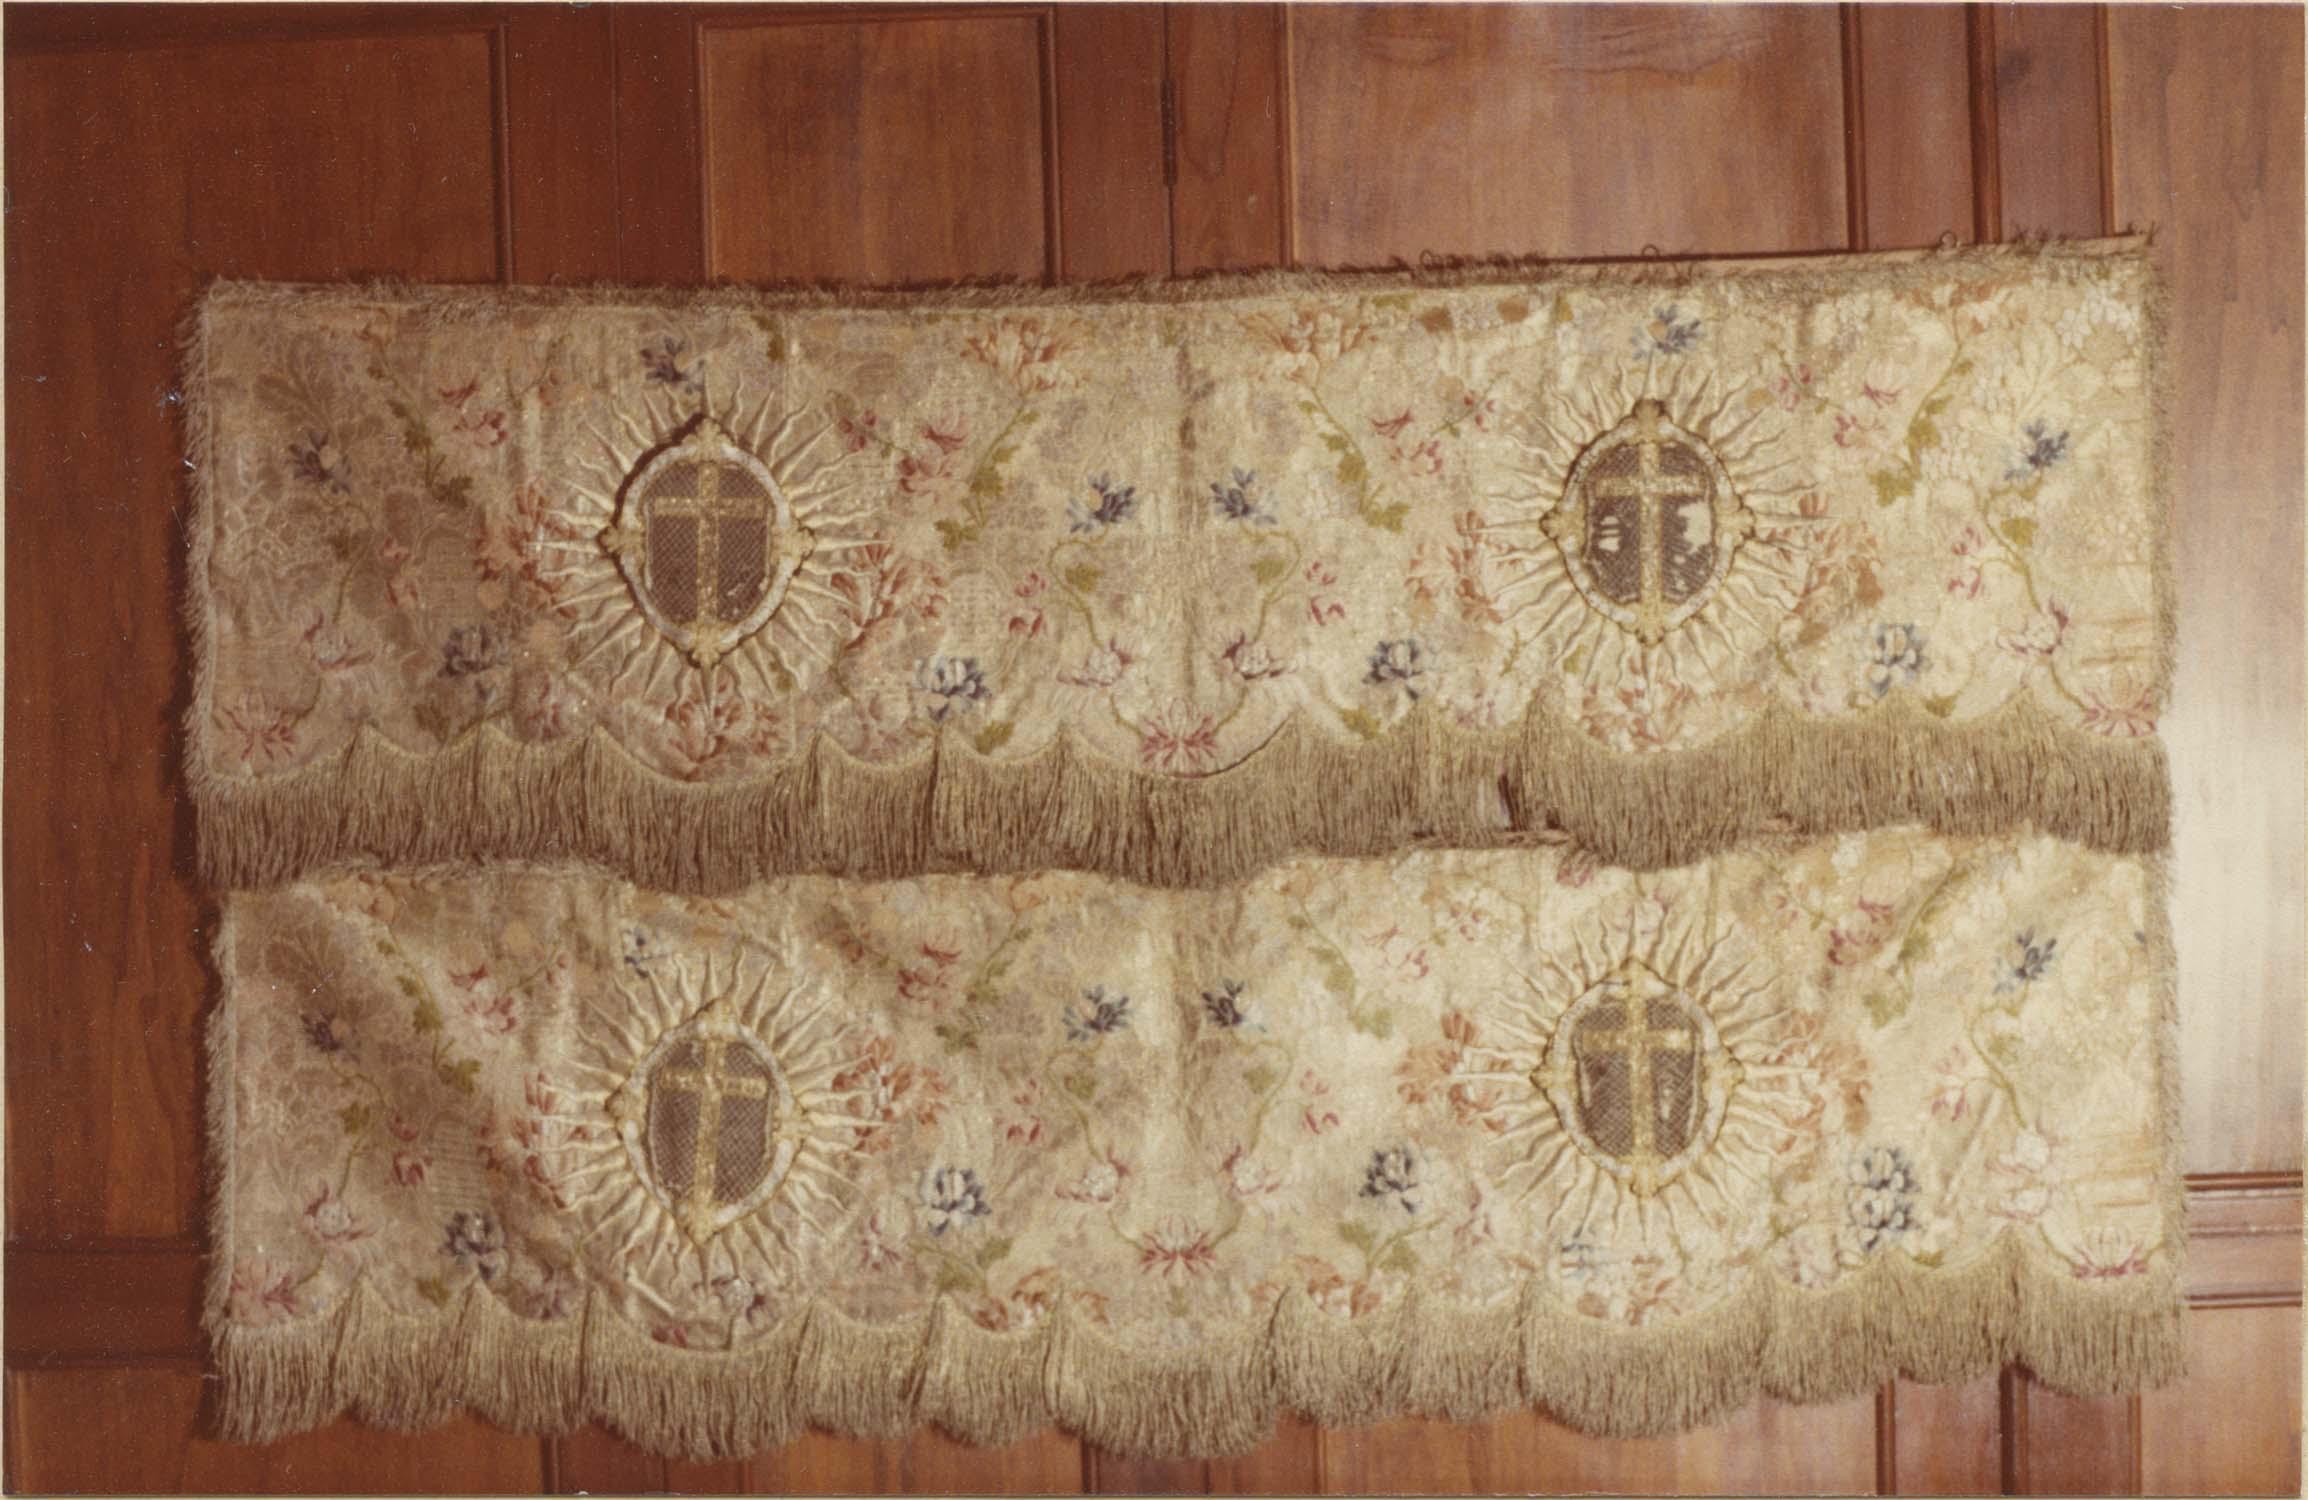 garnitures de dais d'autel (2 pentes de dais), vue générale